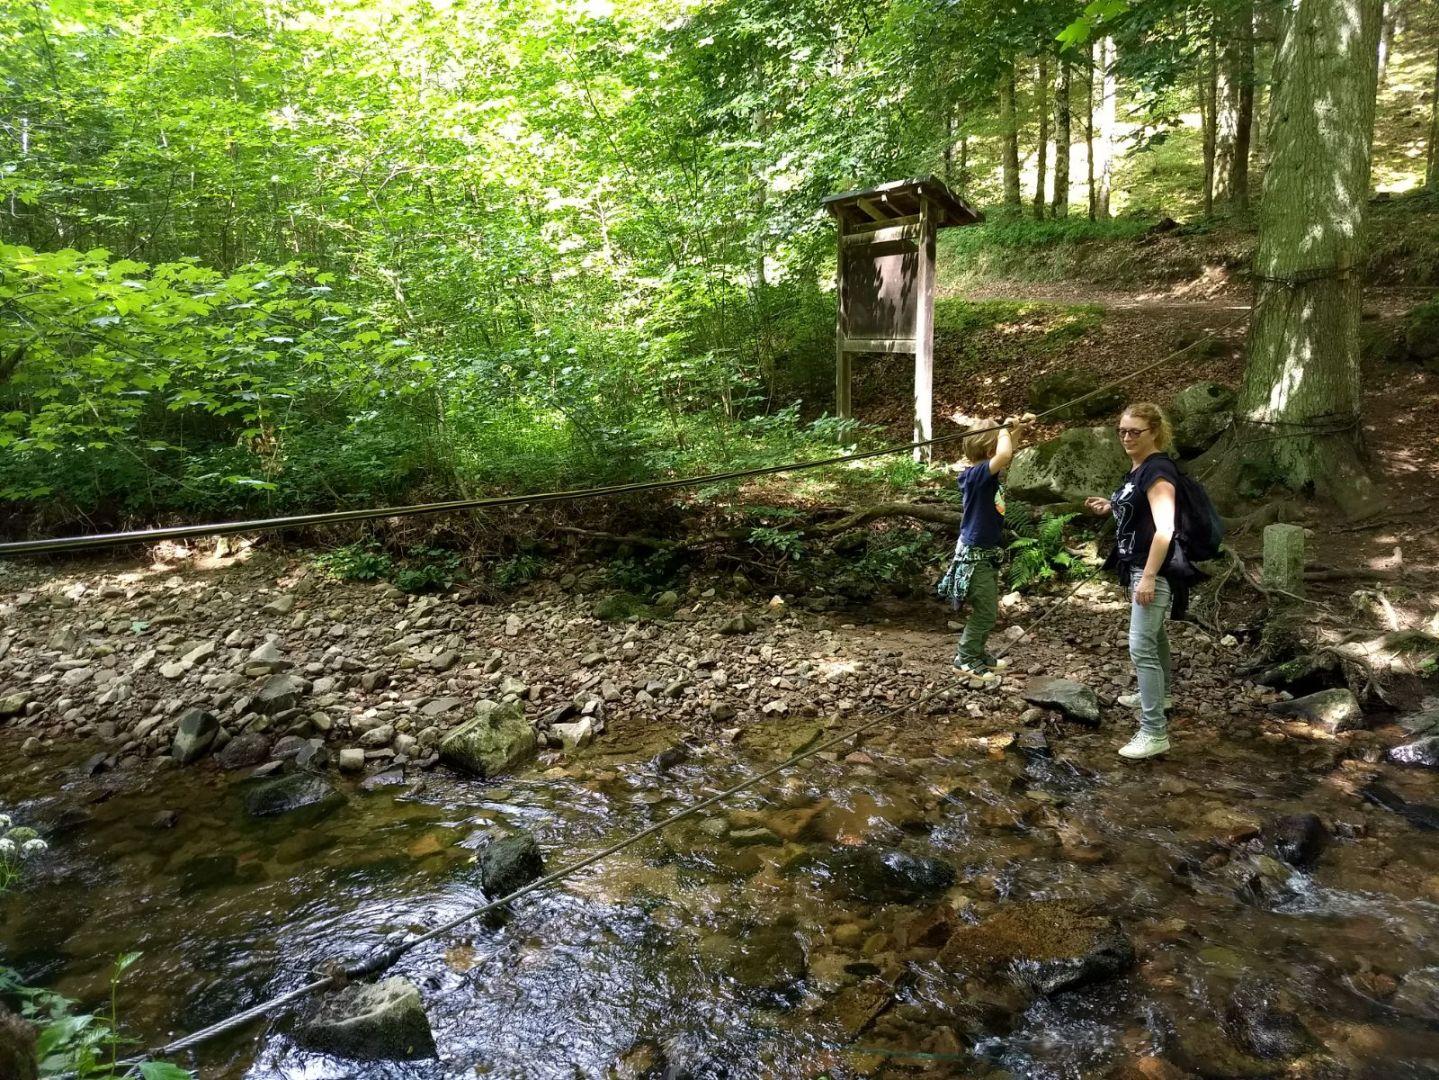 Natuurbelevenispad bij Oberholz-Birkendorf - touwbrug